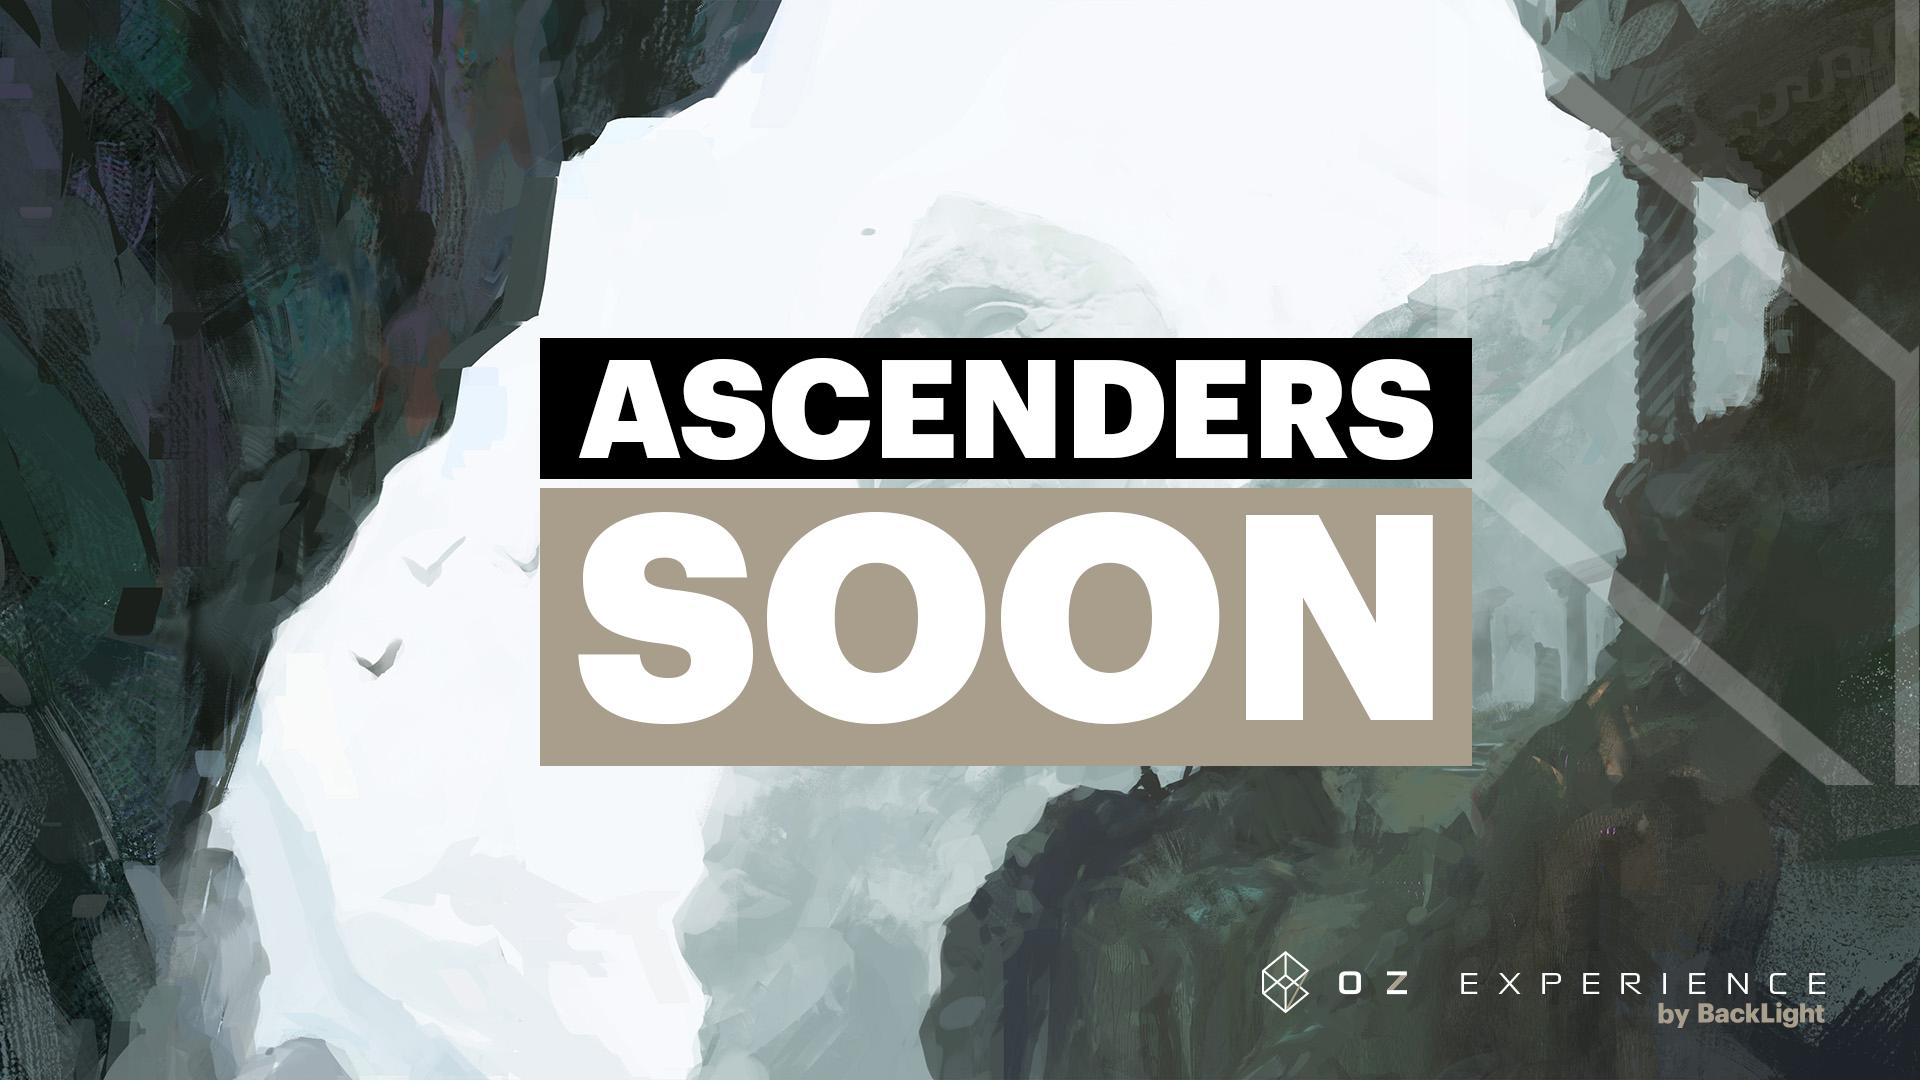 ASCENDERS_soon